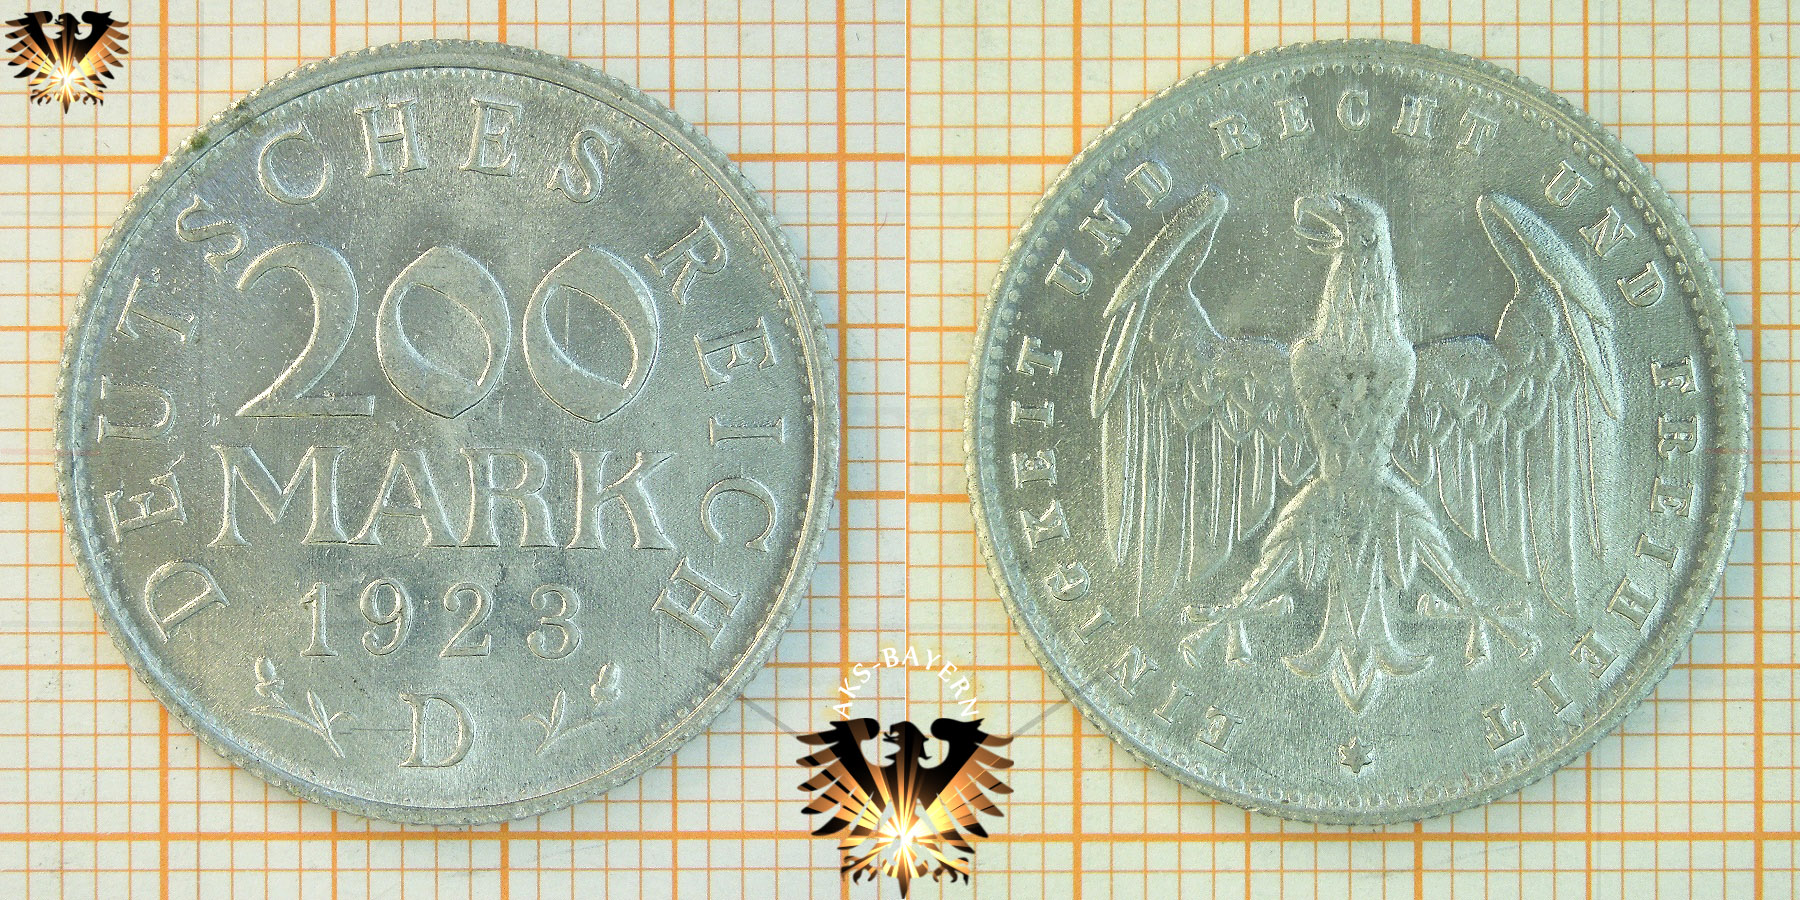 deutsches reich silbermünzen